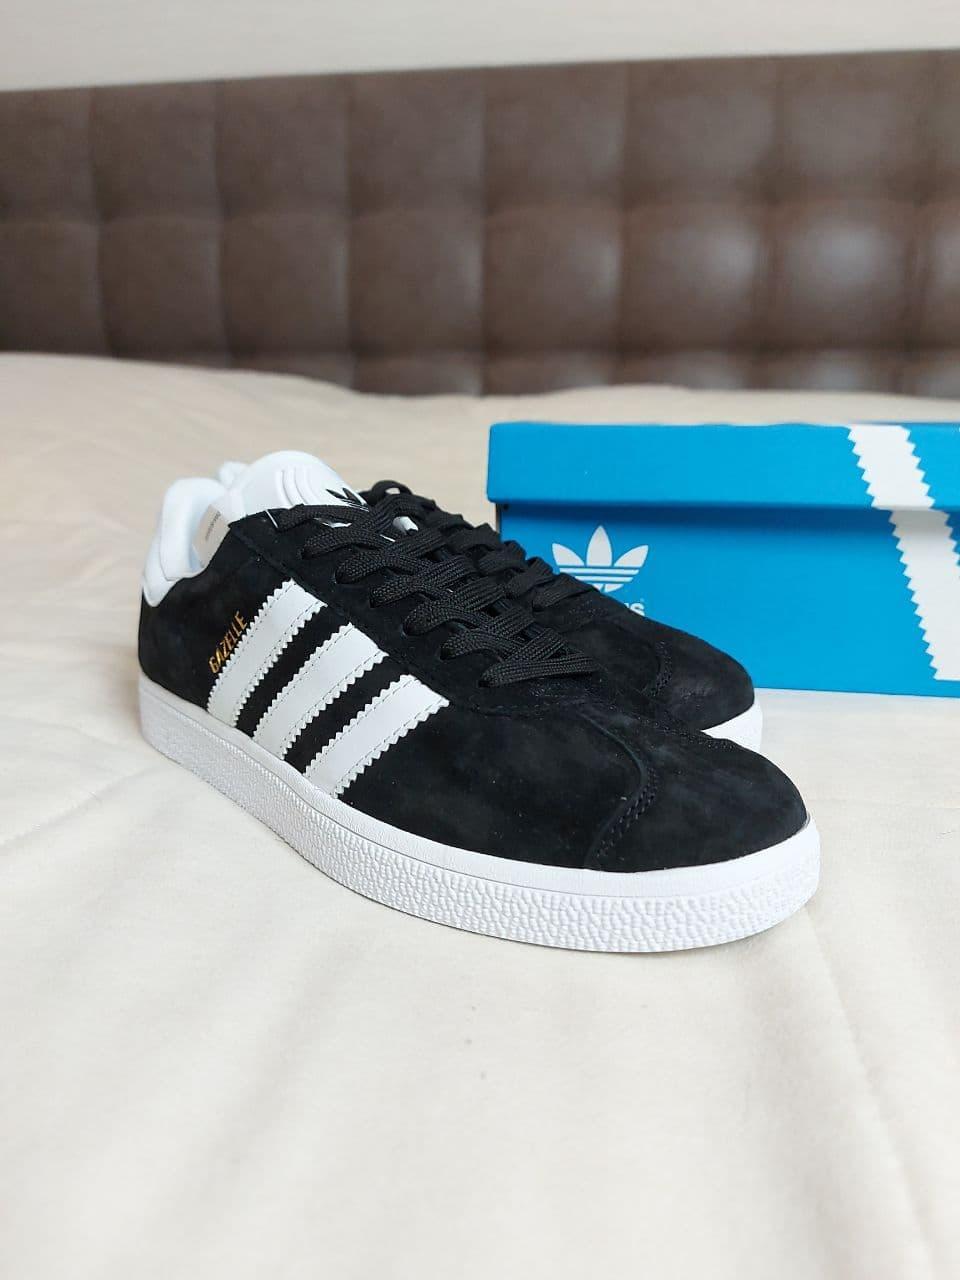 Adidas Gazelle black  адидас газели | кроссовки женские кеды кеди